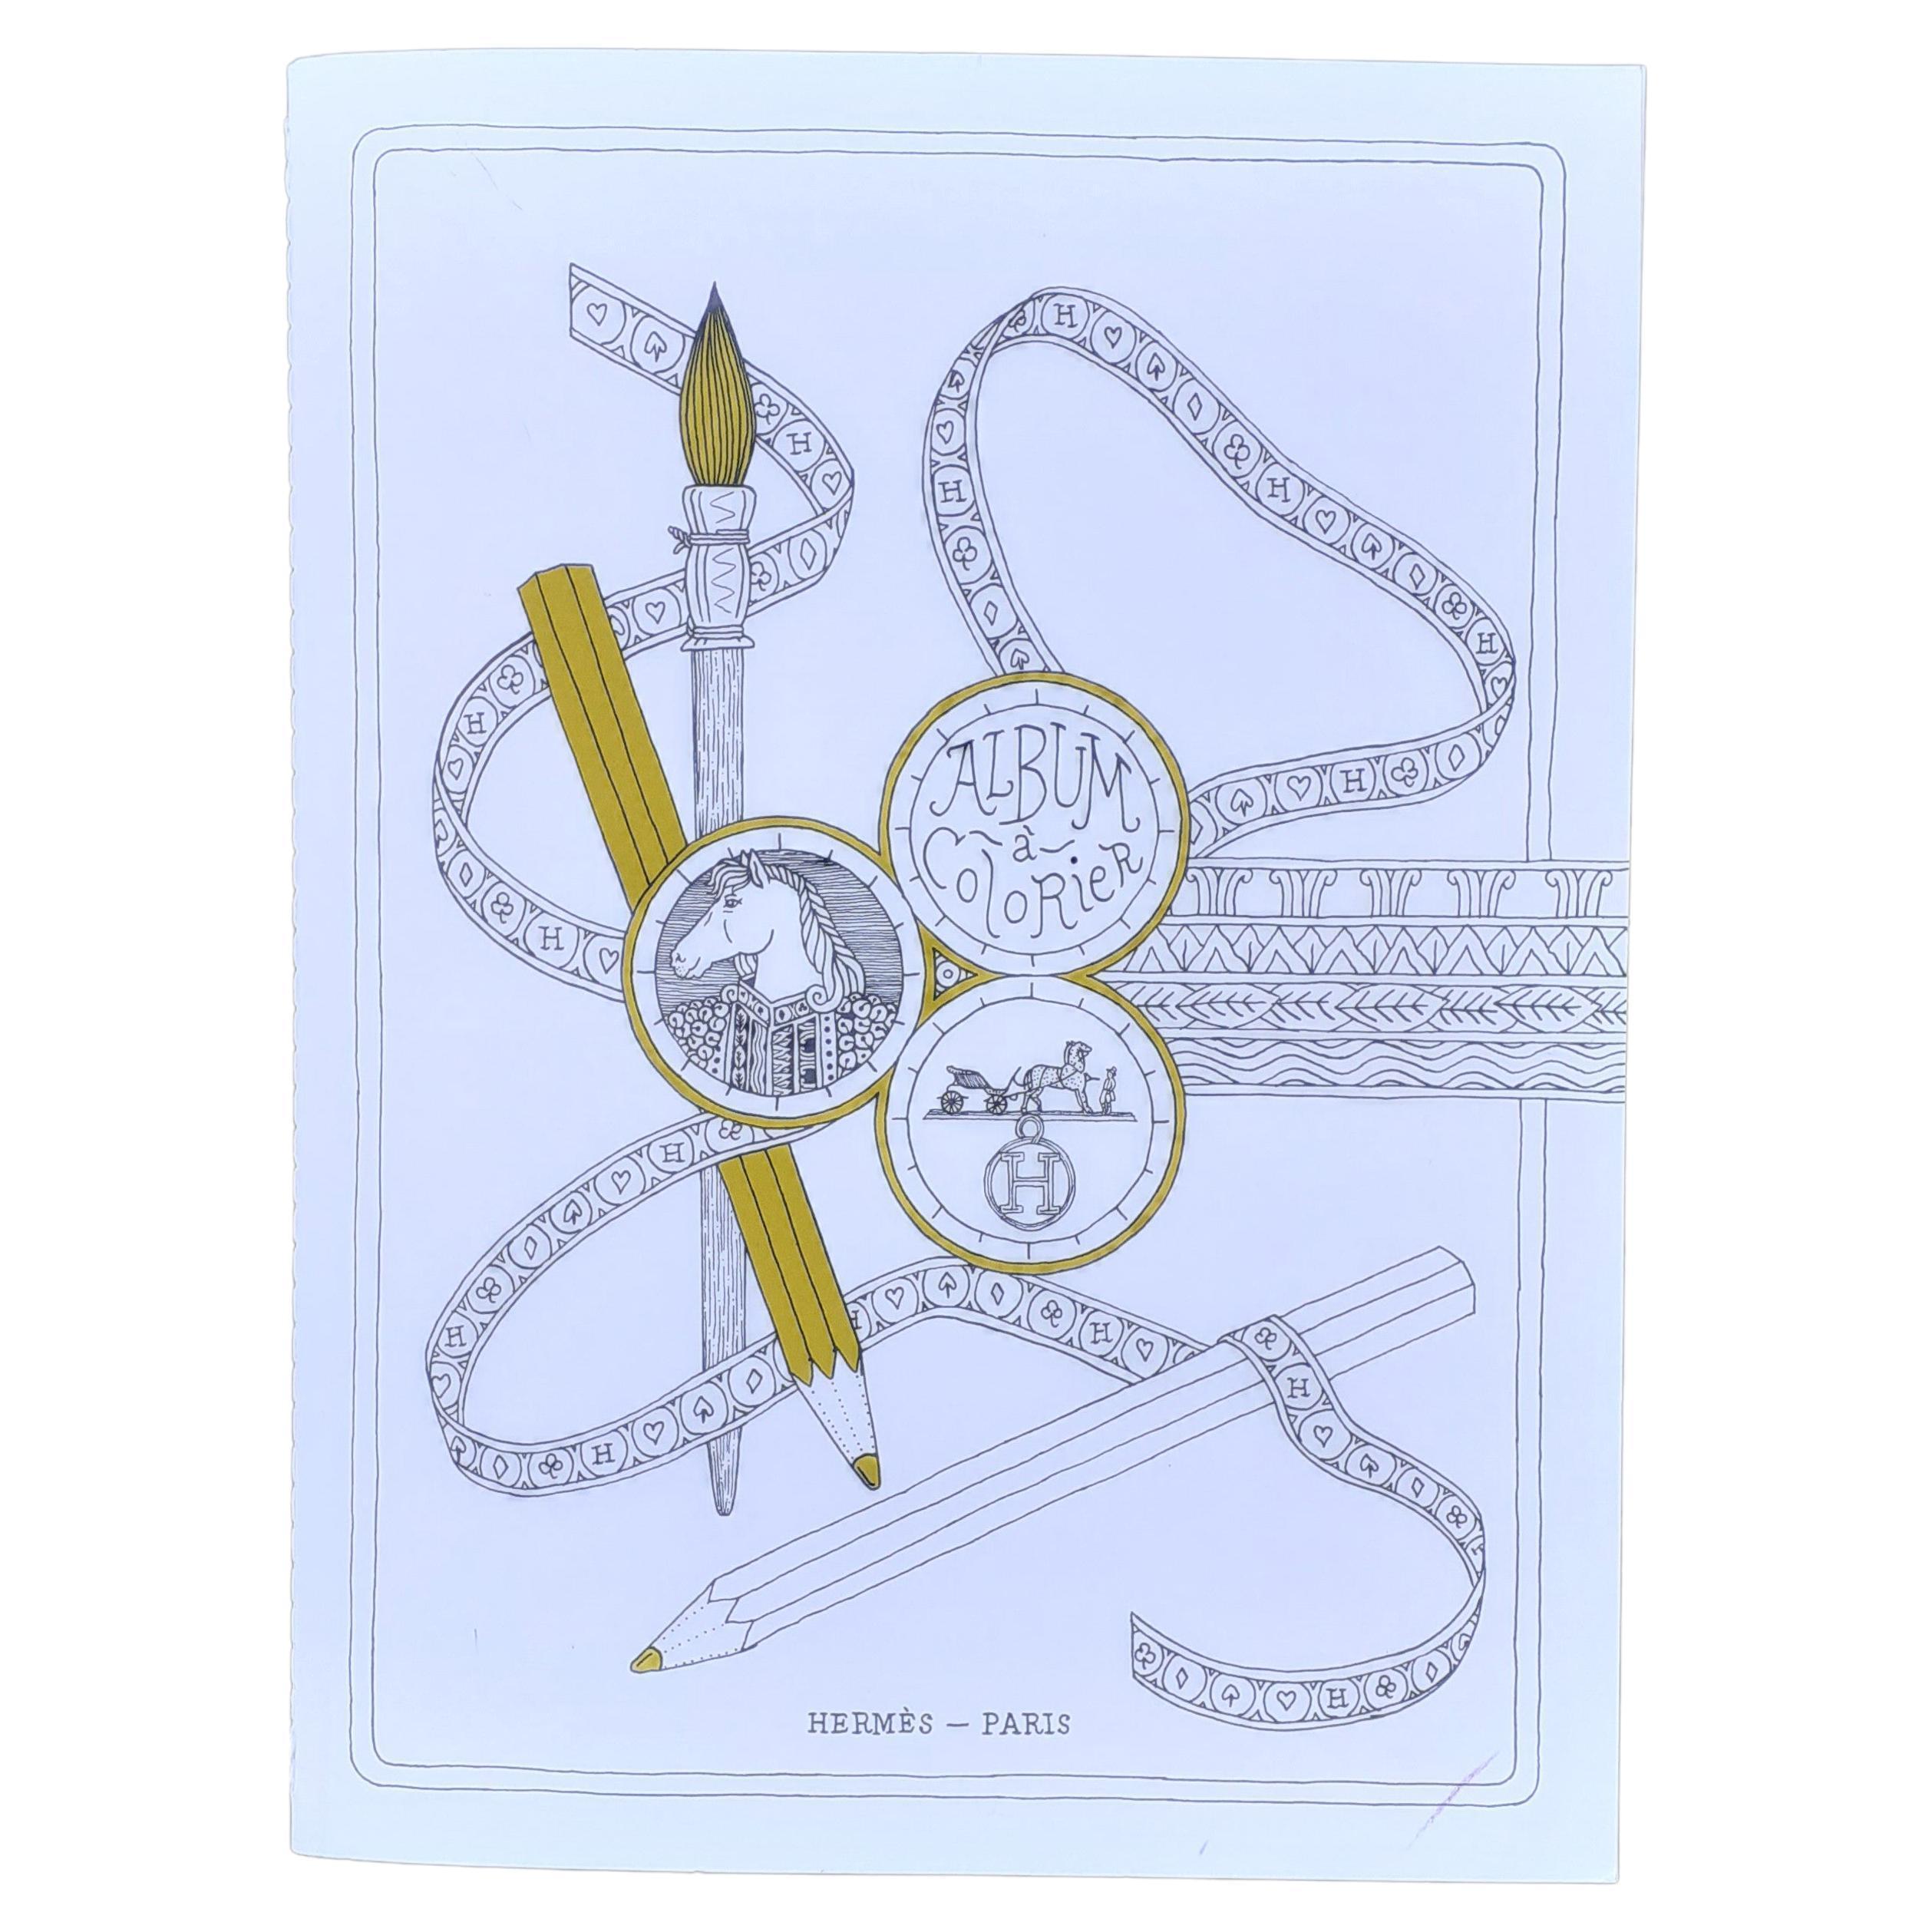 Hermès Coloring Book Rare